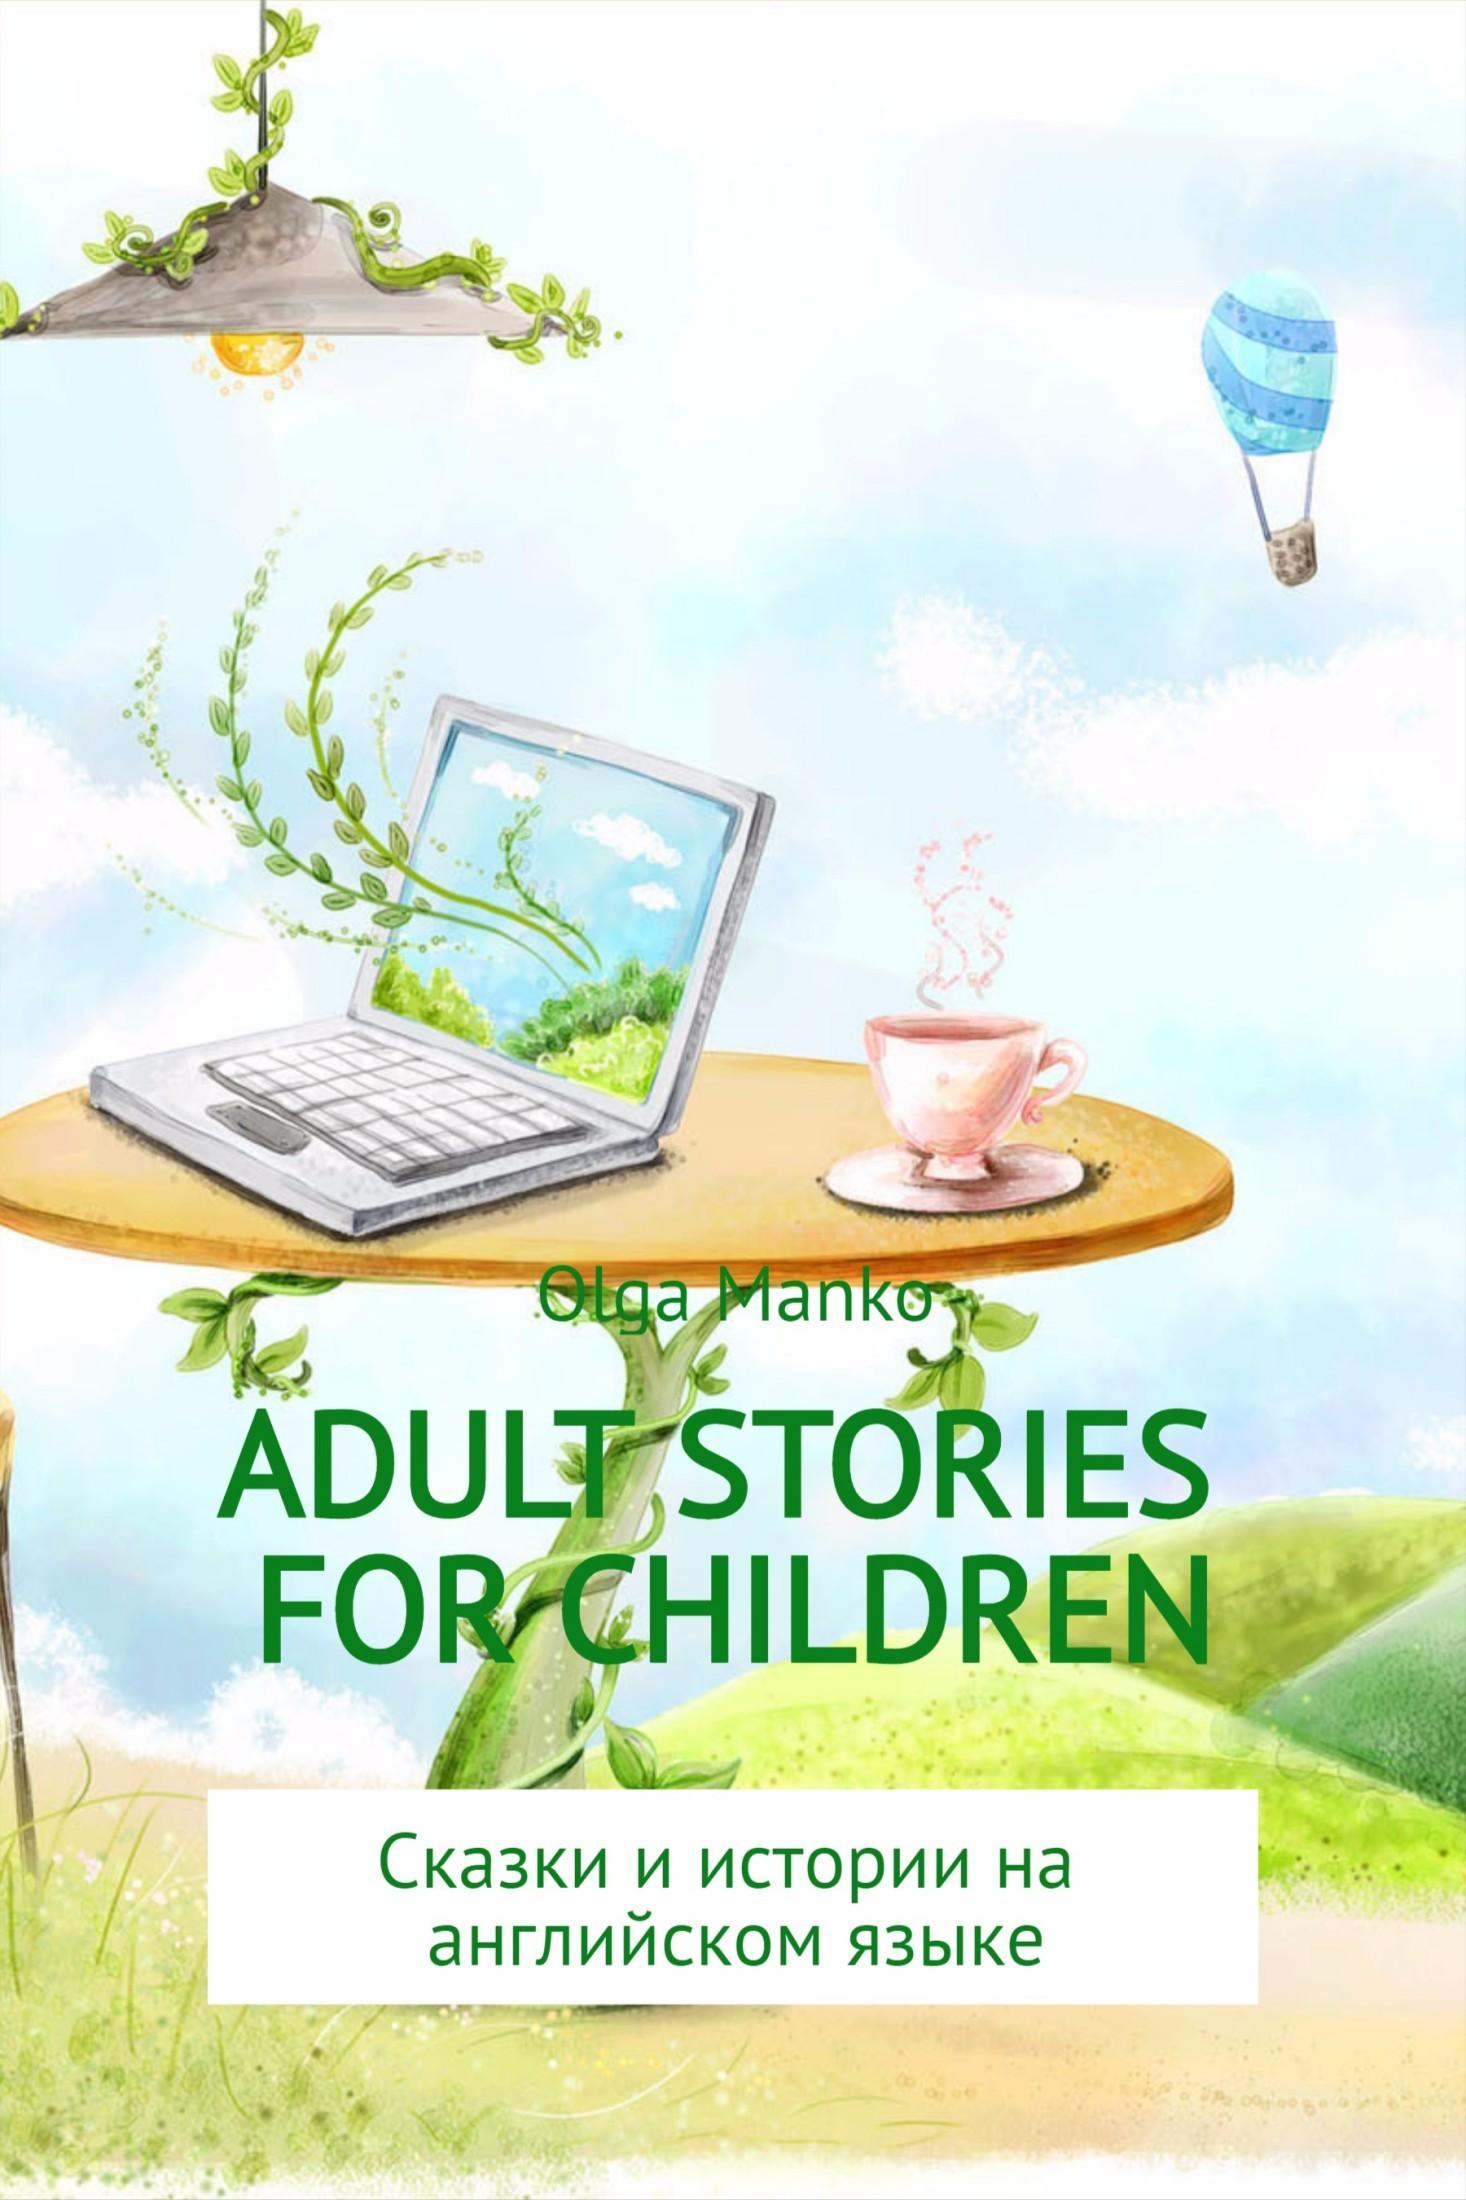 Ольга Владимировна Манько Adult stories for children кочнева инна анатольевна funny stories веселые истории